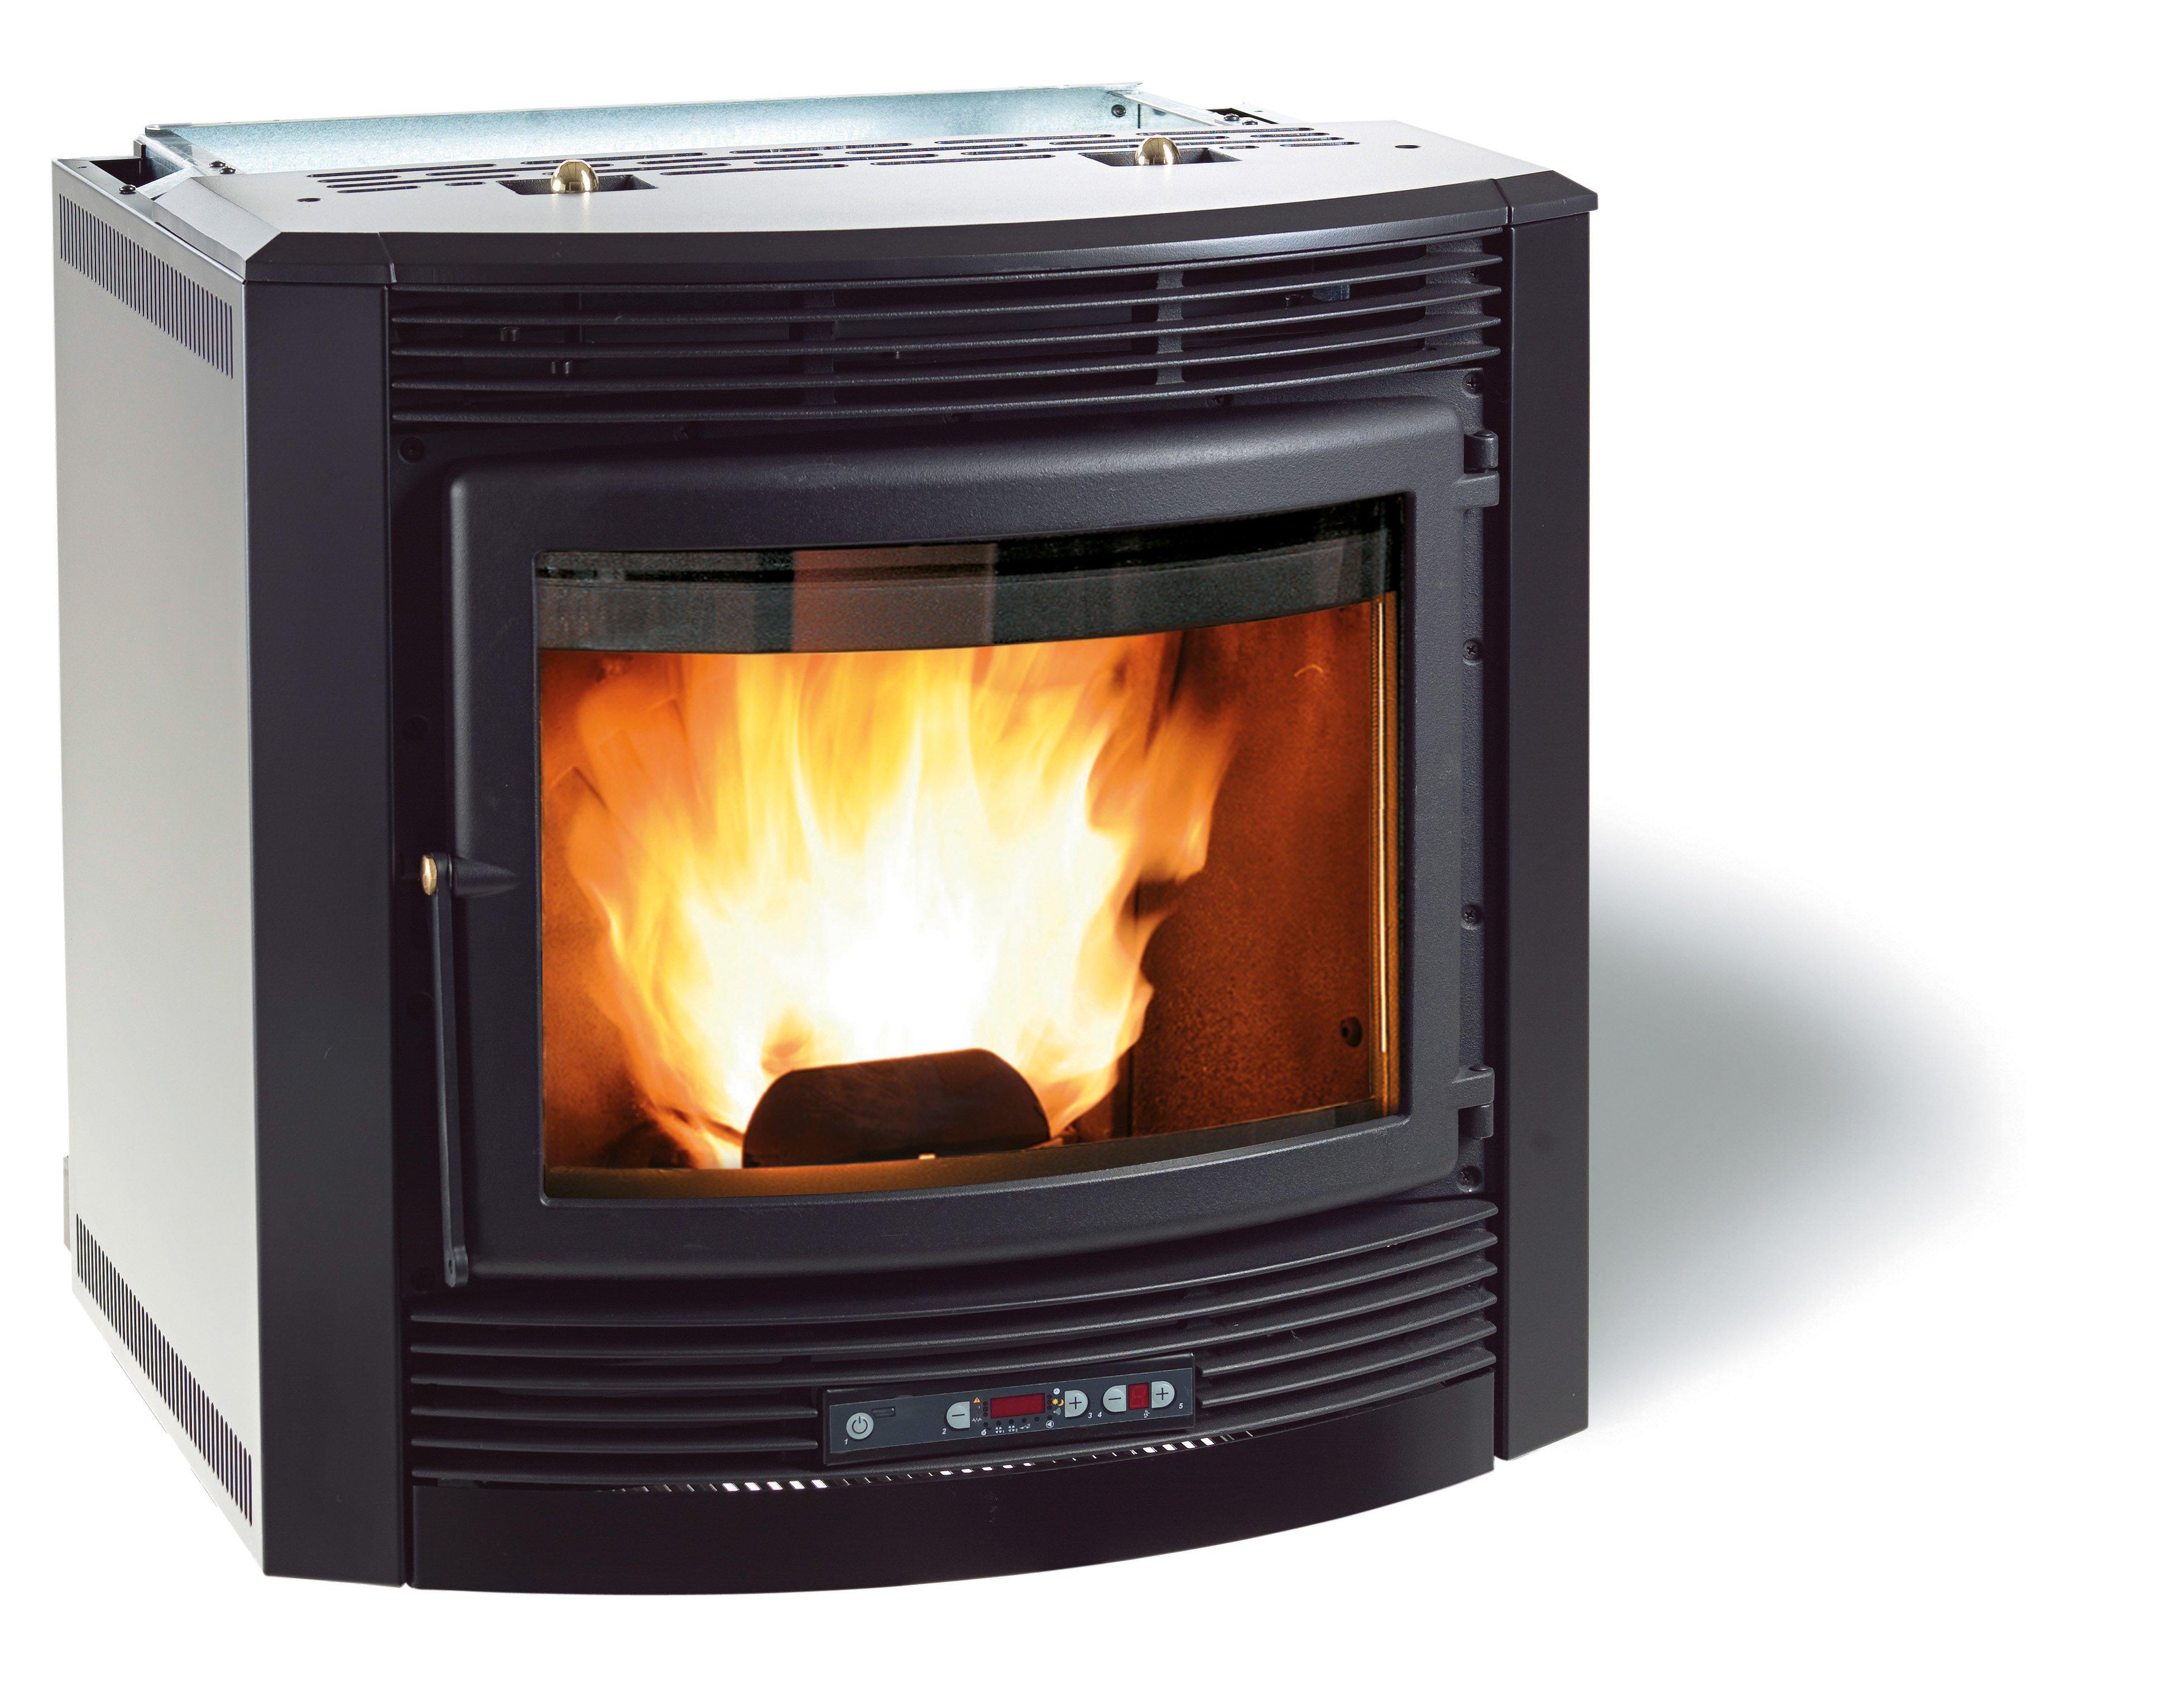 Termocamini per riscaldare cose di casa - Stufa a pellet per termosifoni ...